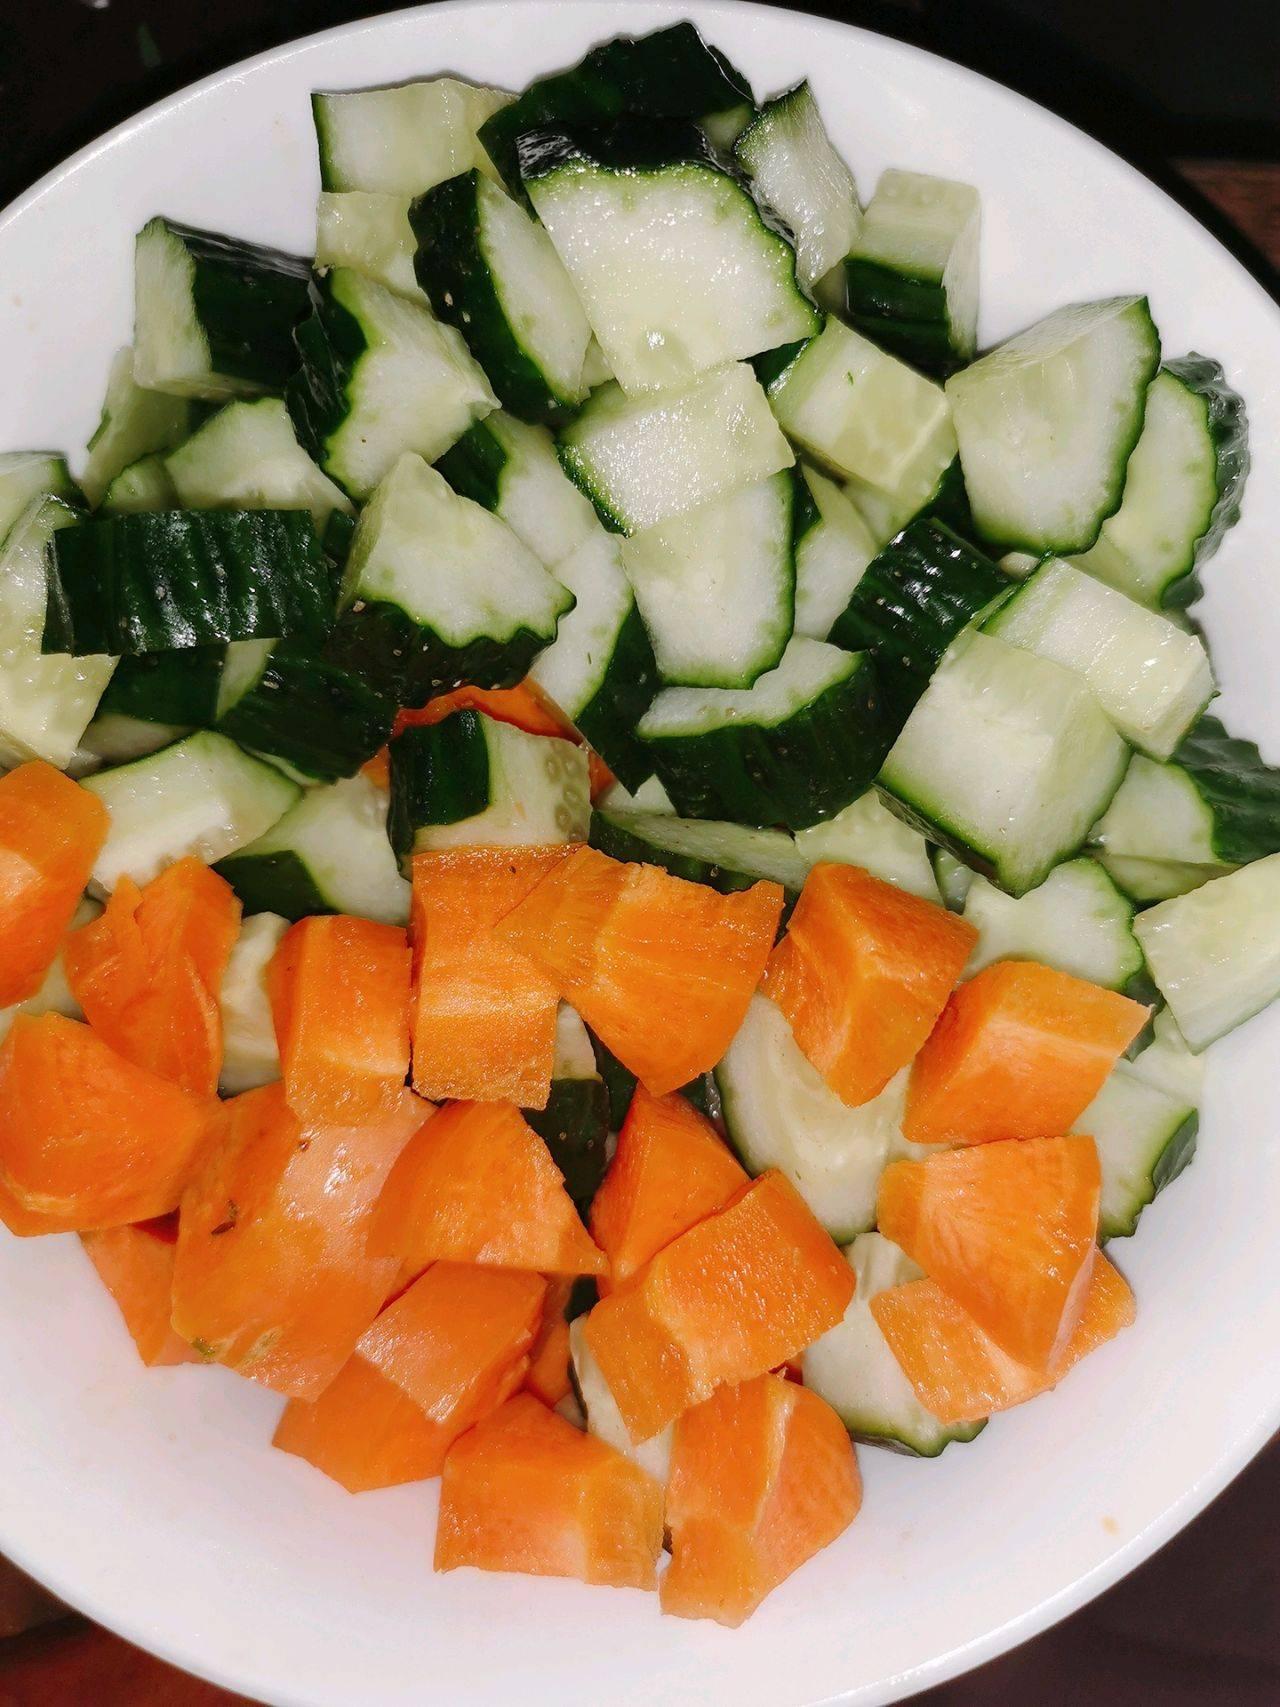 「宫保鸡丁」的做法+配方,简单好做,很美味又好吃的宫保鸡丁